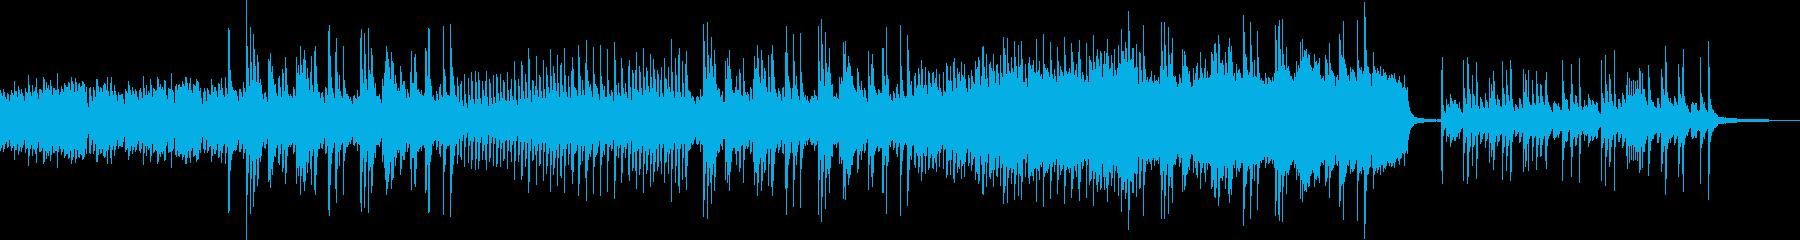 少々切ないピアノ&ストリングスの再生済みの波形